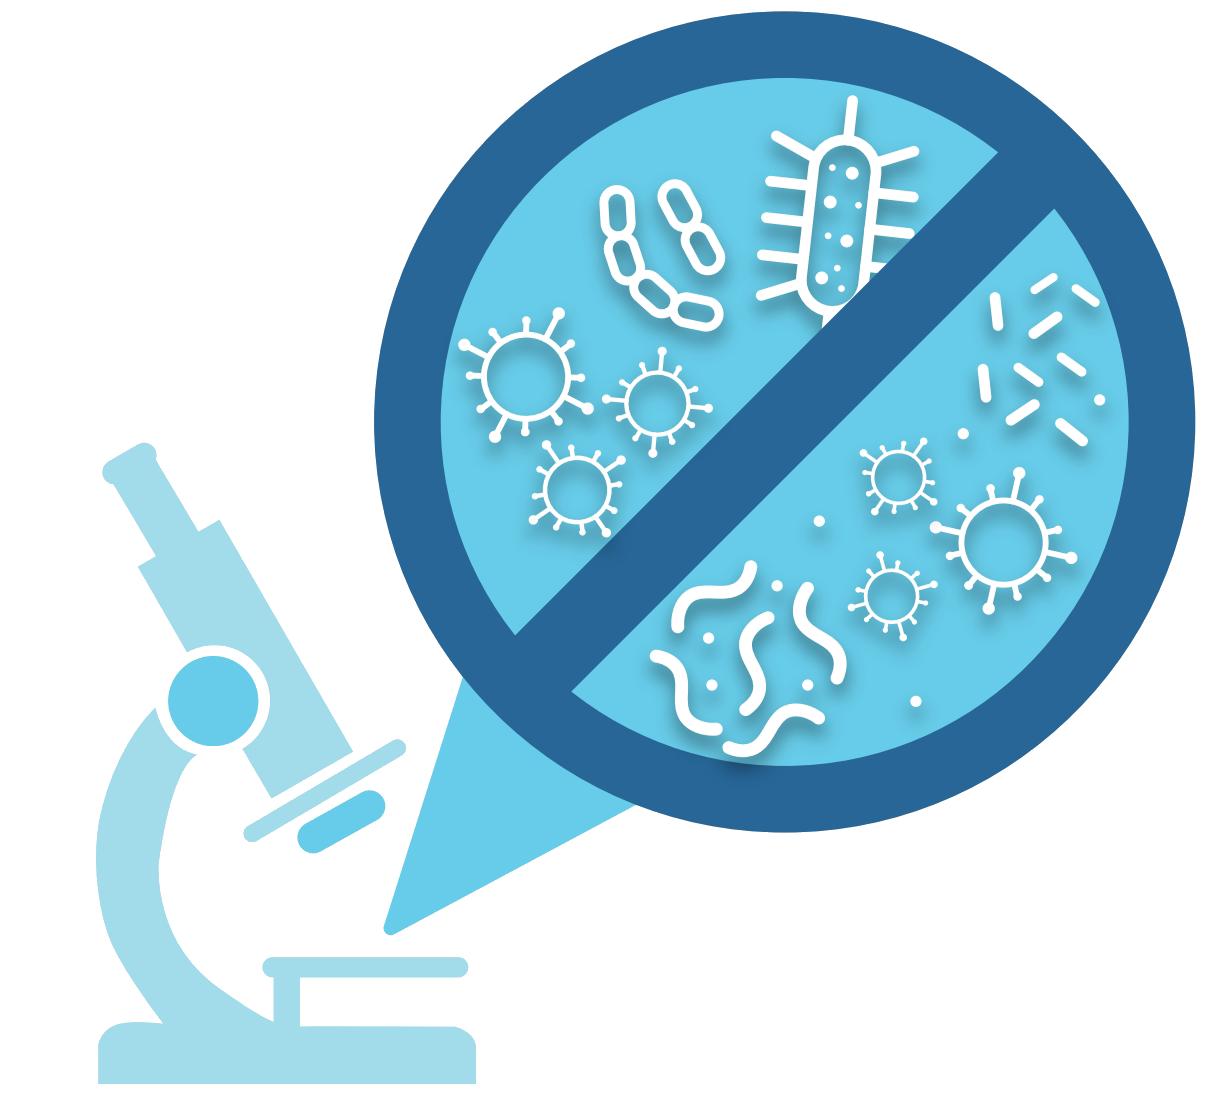 Das Bild zeigt organisches Wachstum unter dem Mikroskop